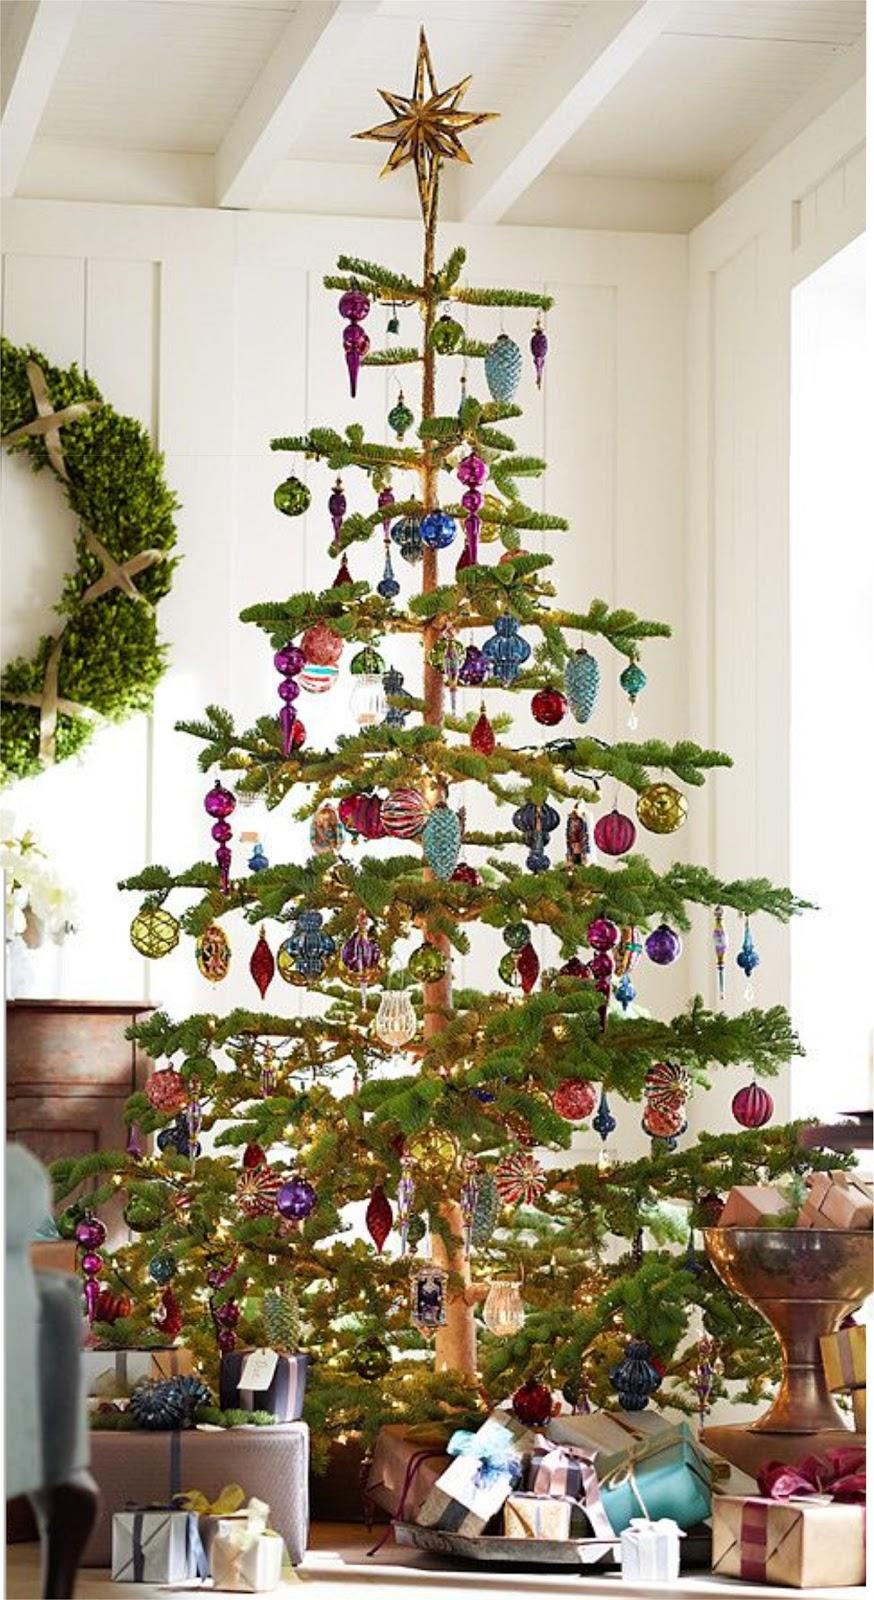 Pottery Barn Christmas Tree Ornaments